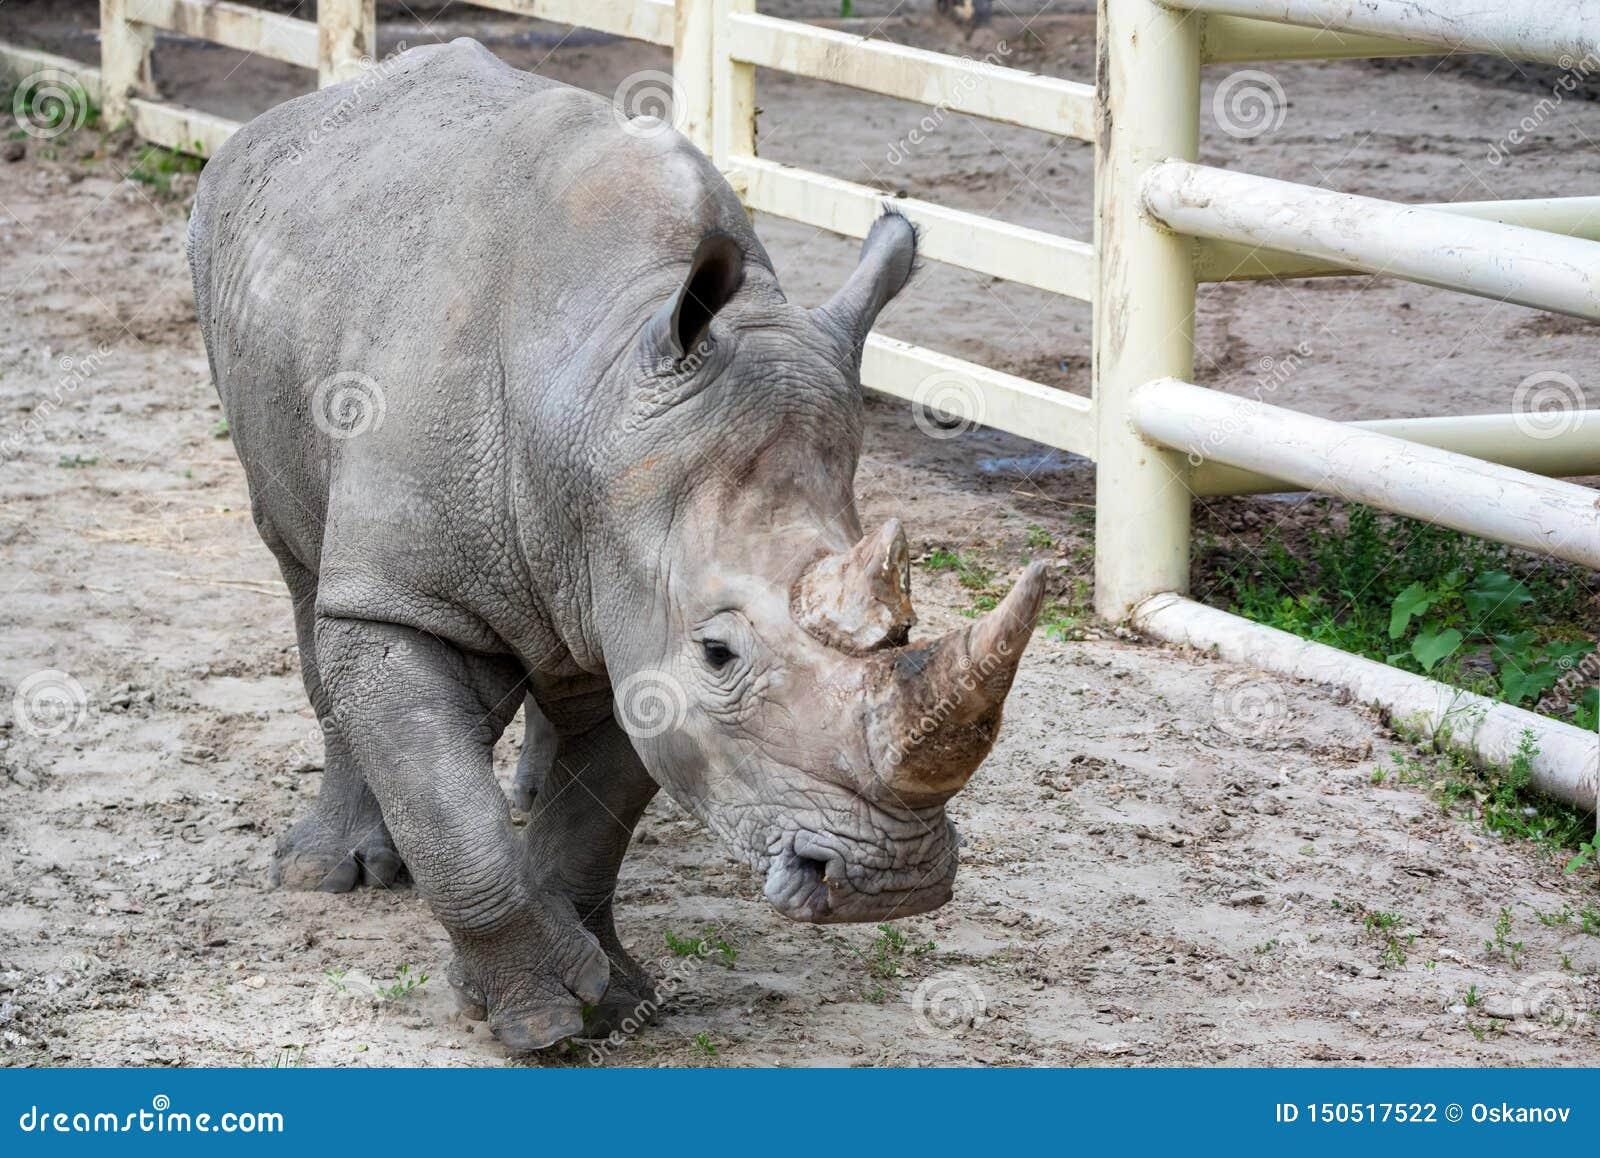 Portrait of White rhinoceros or Ceratotherium simum in captivity